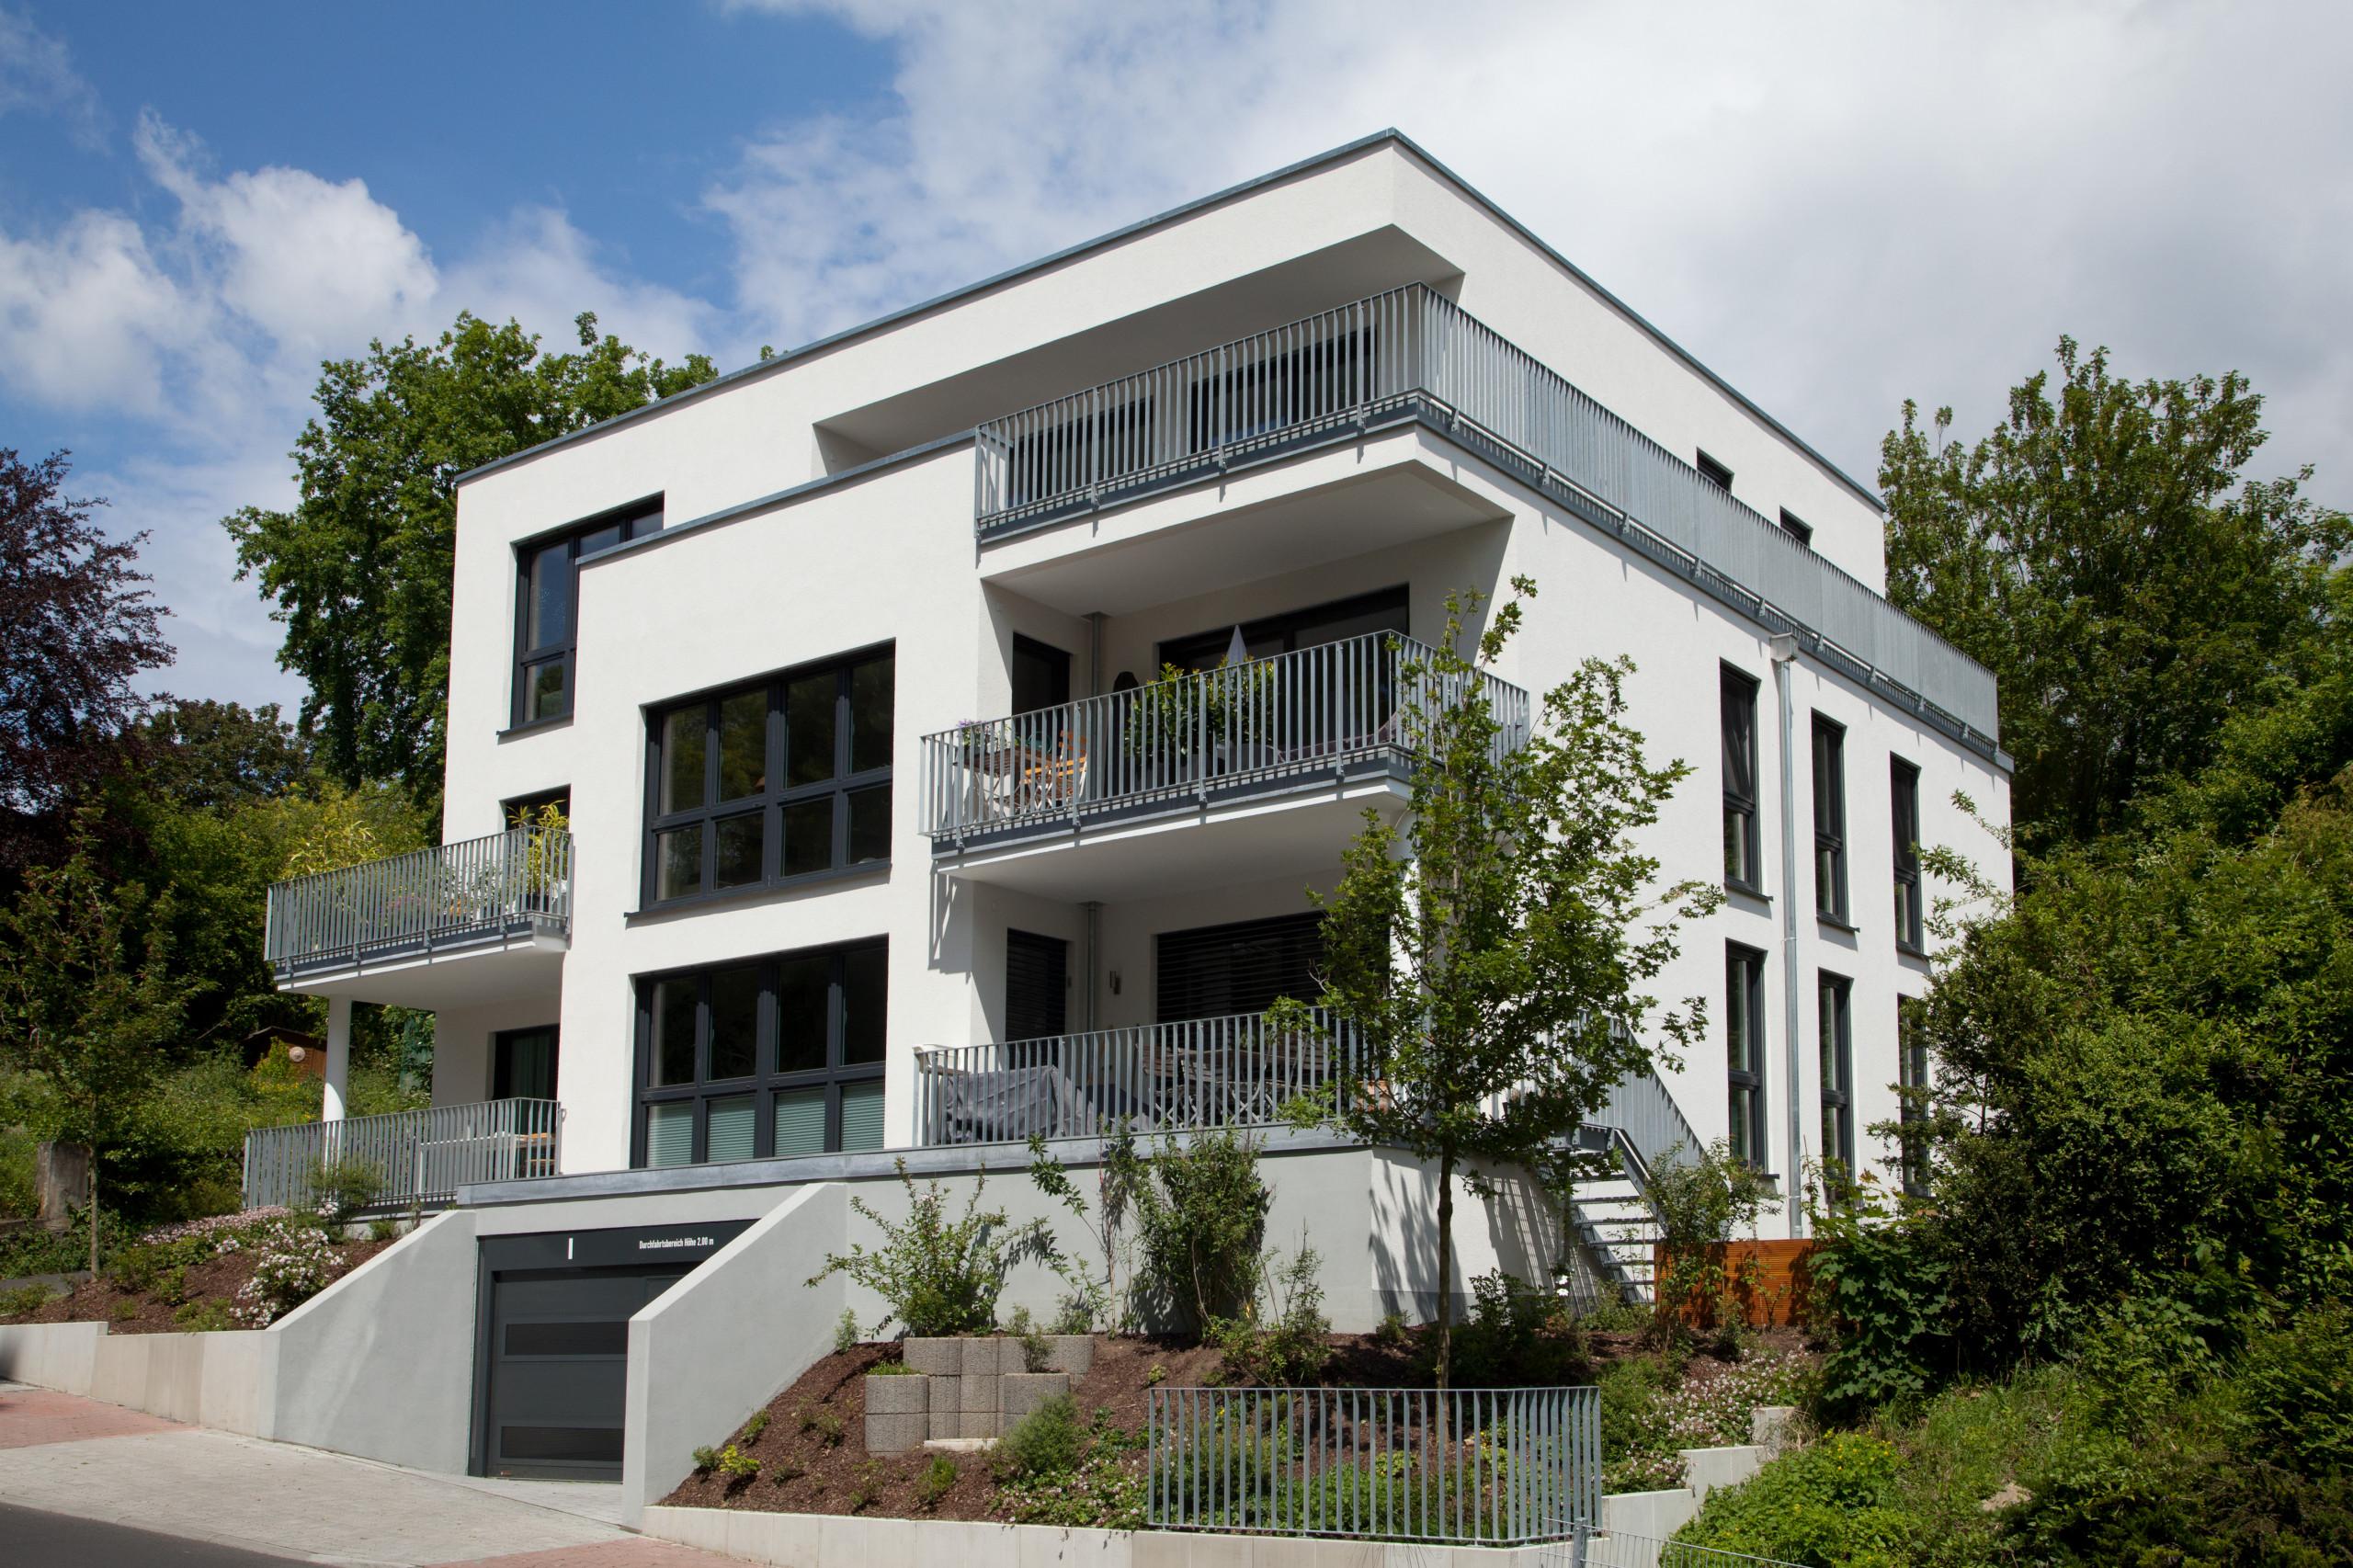 Fenster, Türen & Tore für ein modernes Mehrfamilienhaus